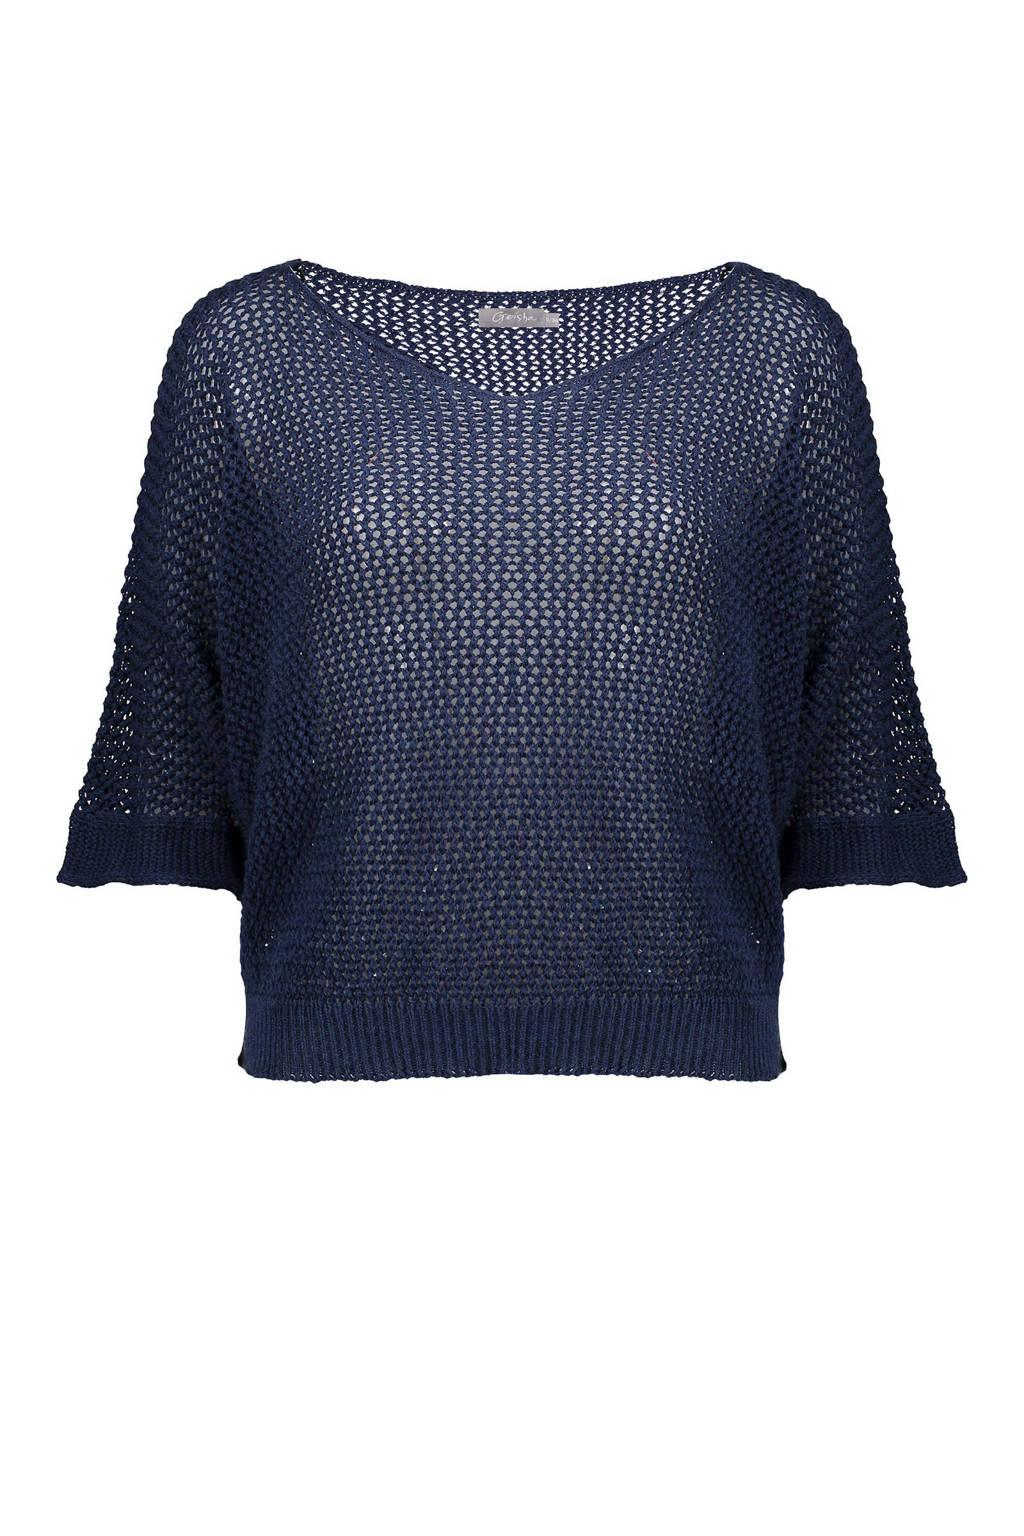 Geisha fijngebreide trui donkerblauw, Donkerblauw